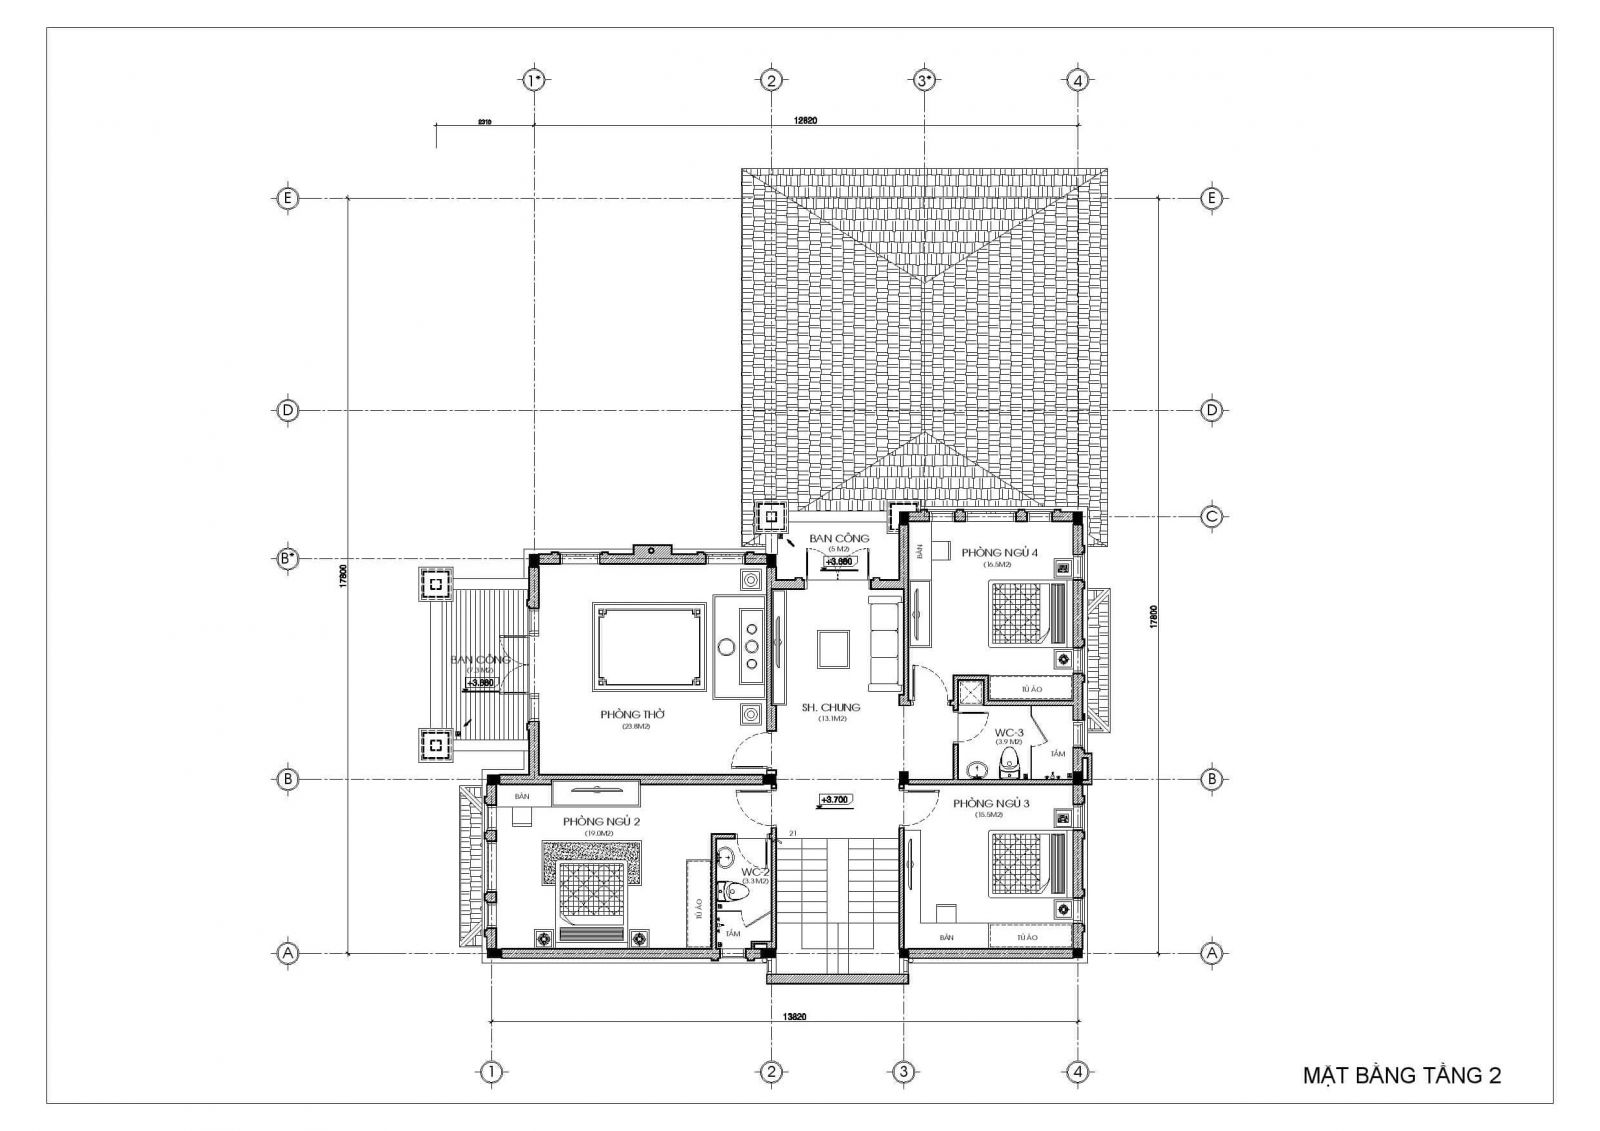 biệt thự 2 tầng đẹp kiểu Pháp - mặt bằng tầng 2